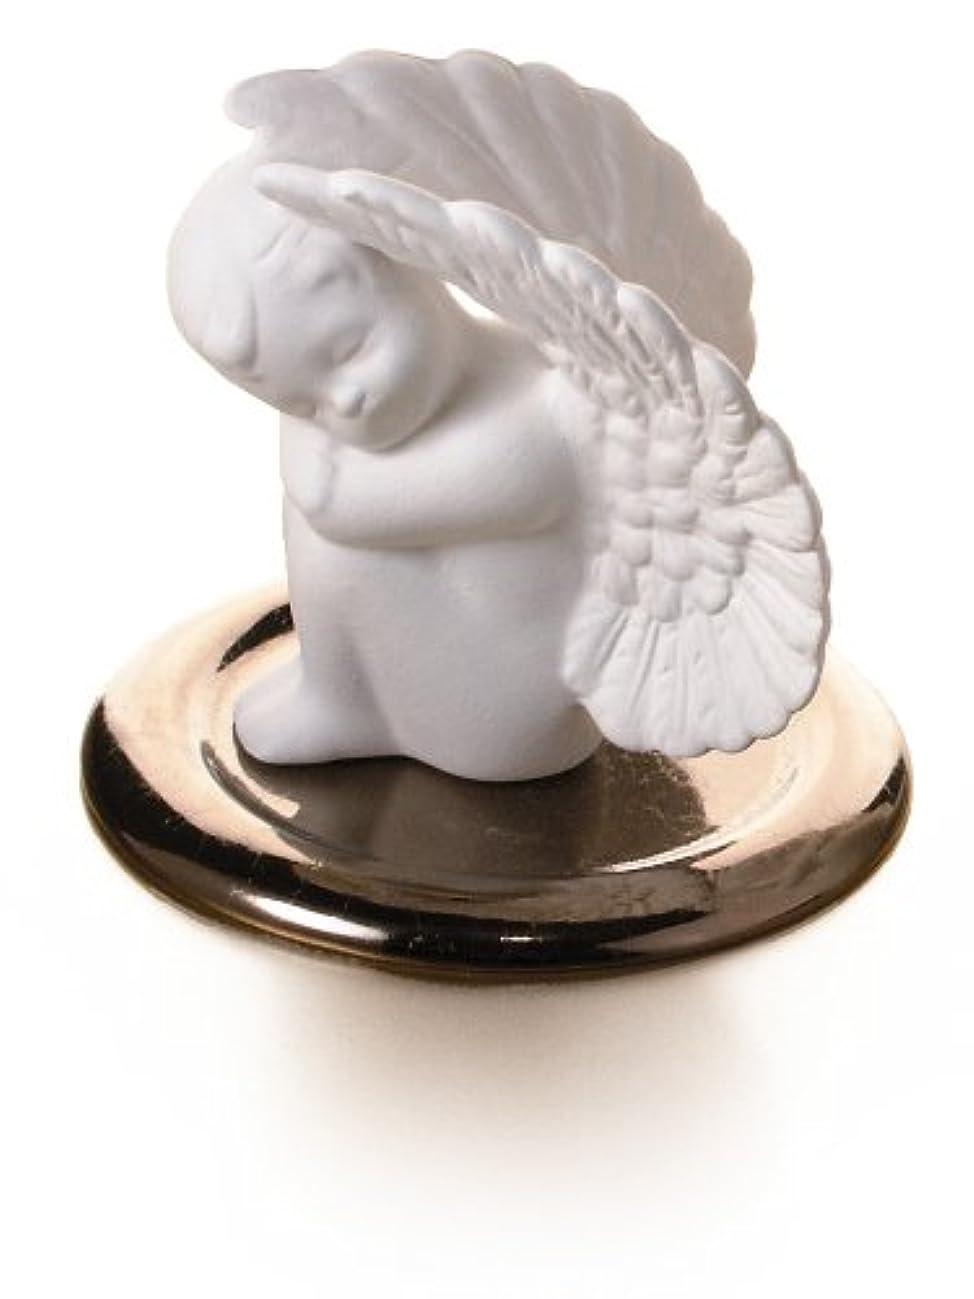 素晴らしいです中止しますレモンポマンダー■ 守護天使(皿付き)